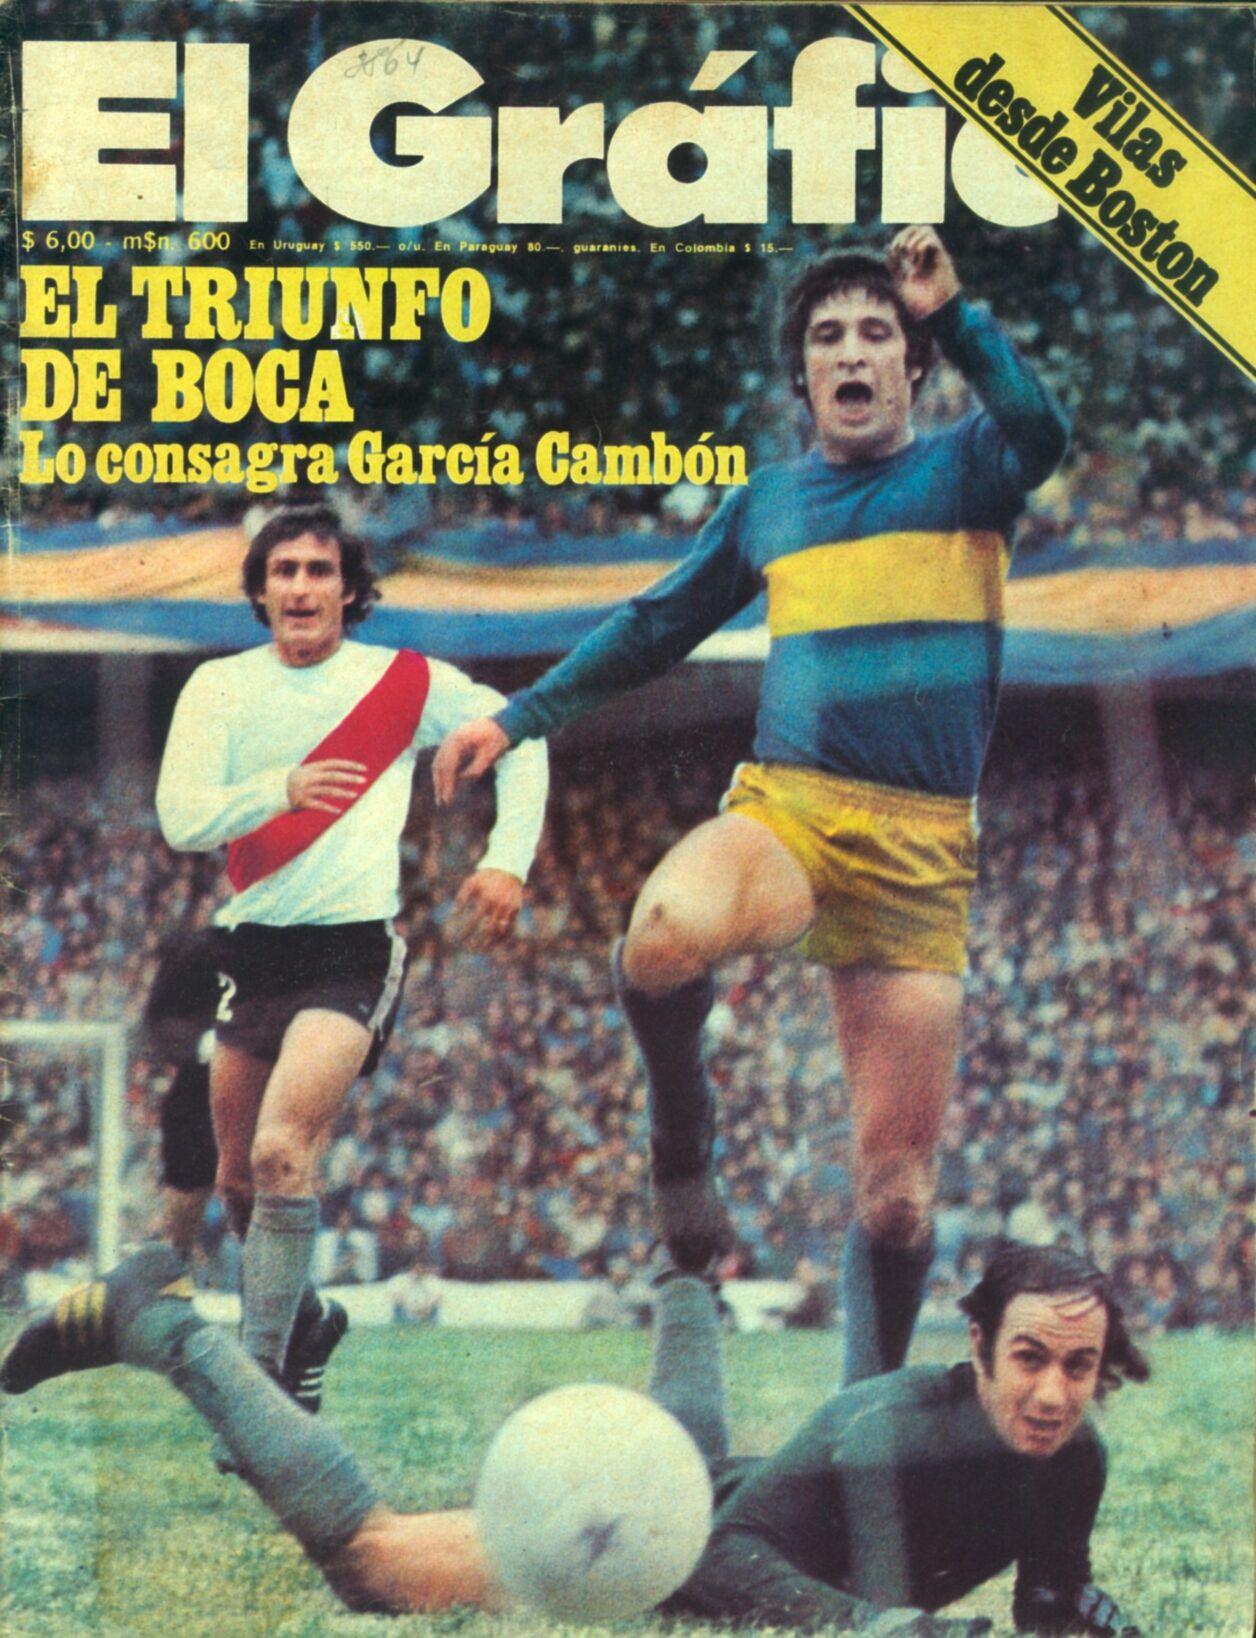 Boca Juniors - 1974 - 1 a 0 a riBer - García Cambón